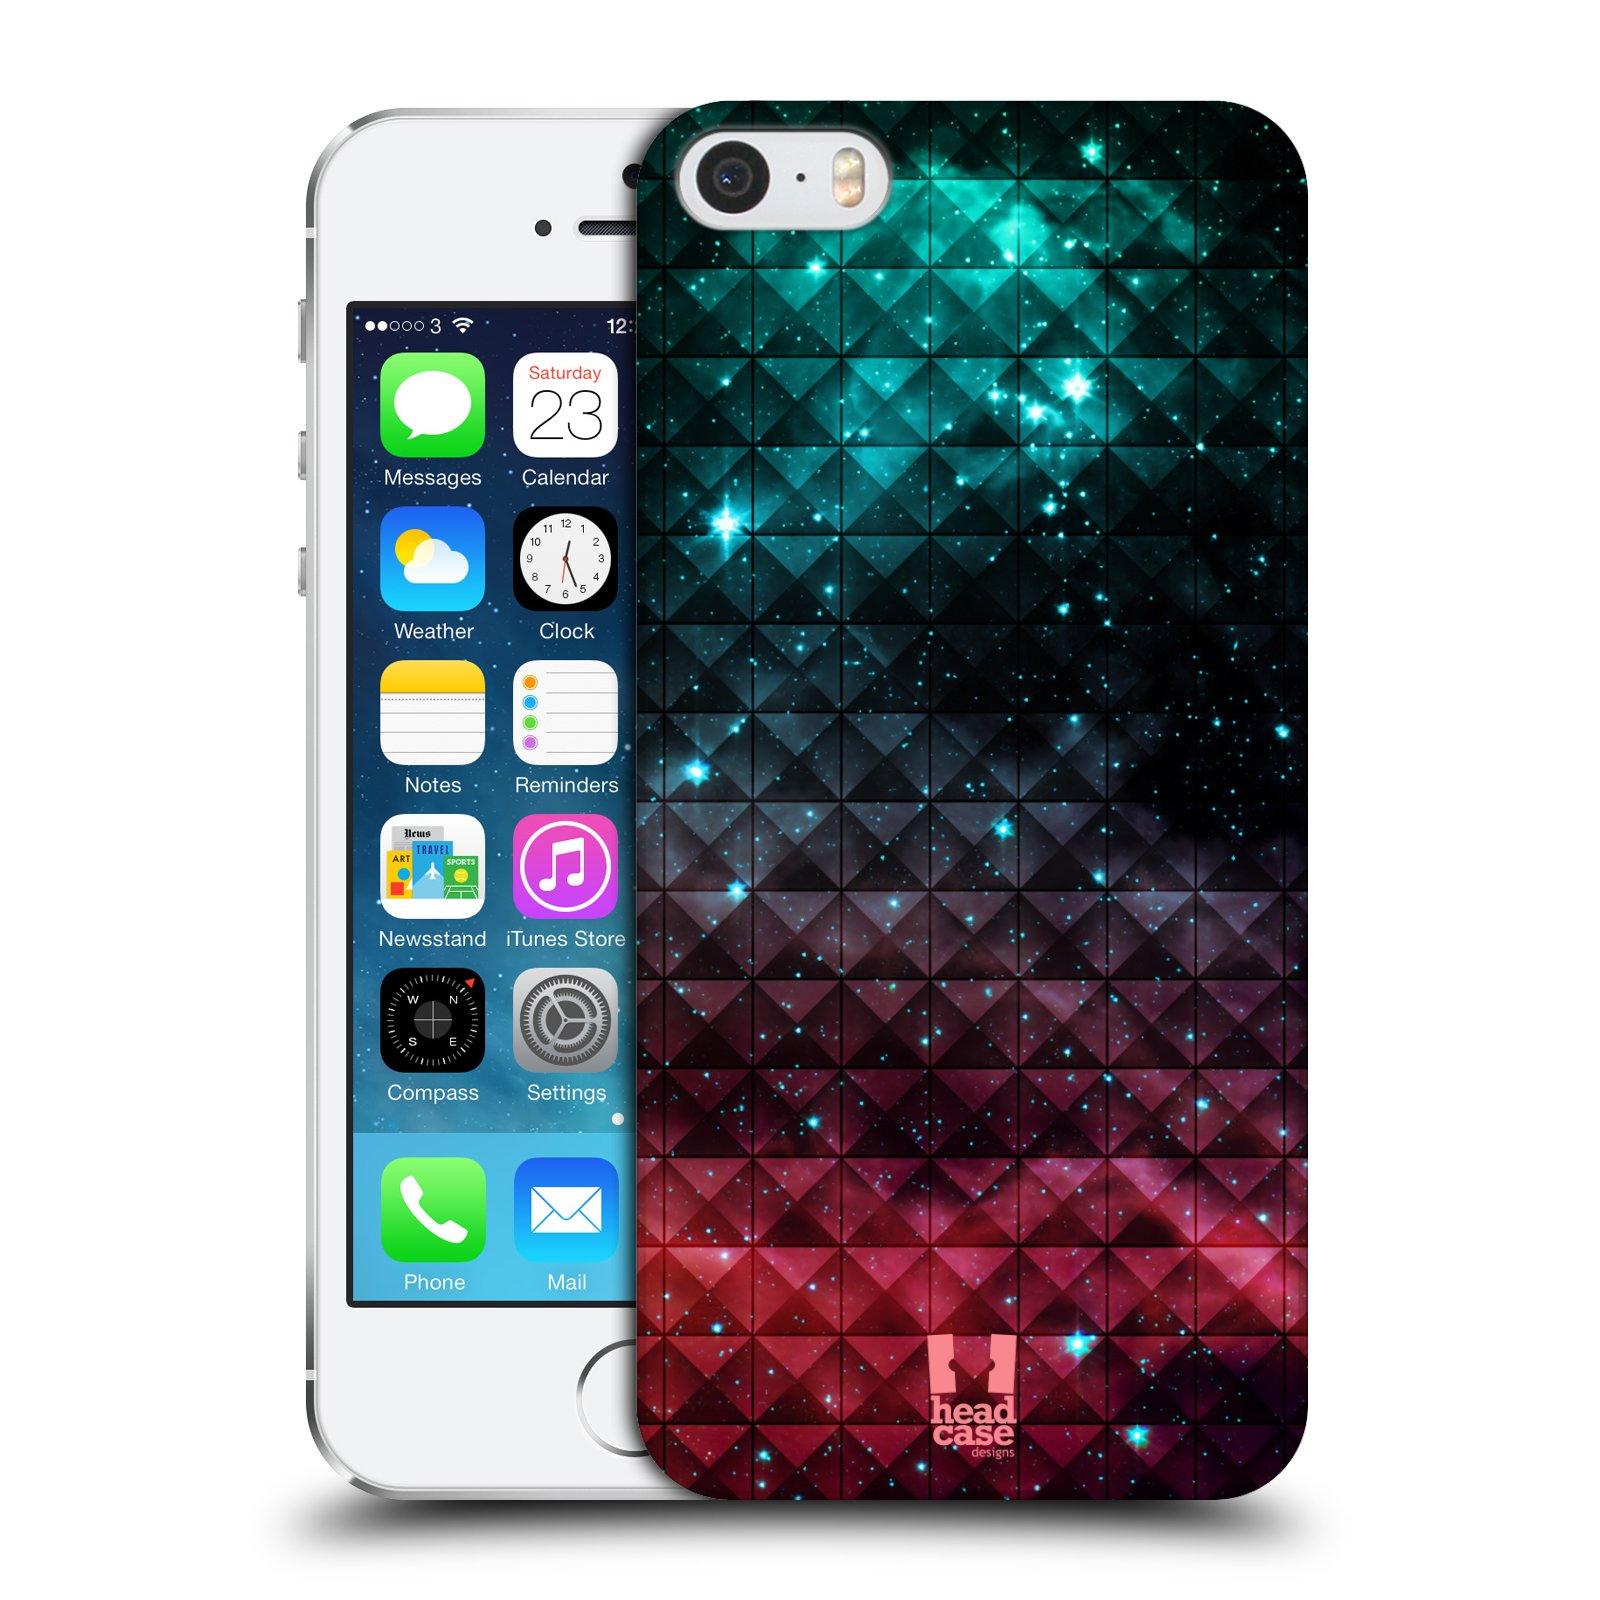 Plastové pouzdro pro mobil Apple Iphone 5 / 5S / SE vzor Hvězdná obloha hvězdy a slunce RUDÁ A MODRÁ